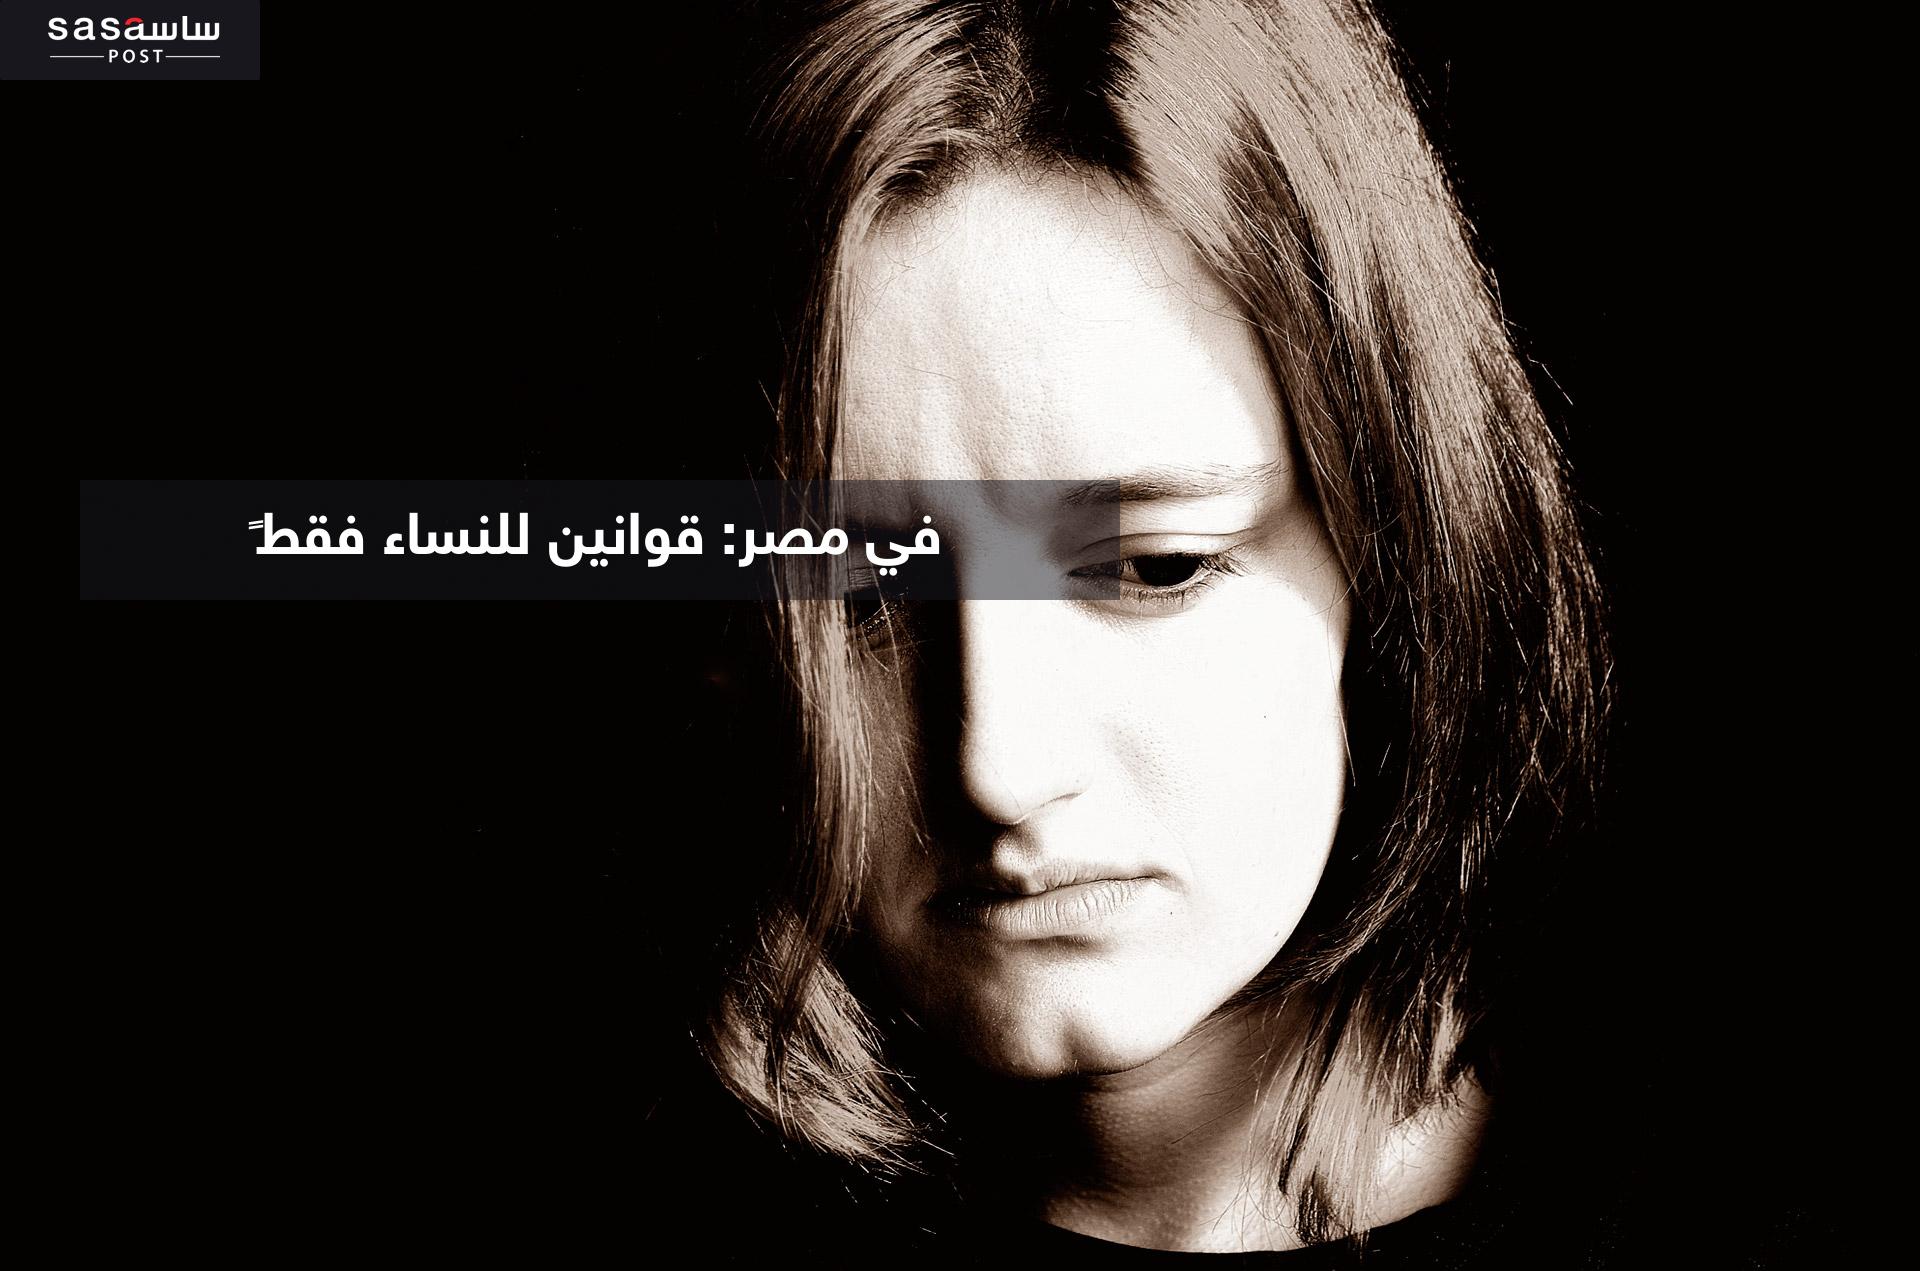 في مصر: قوانين للنساء فقط - ساسة بوست